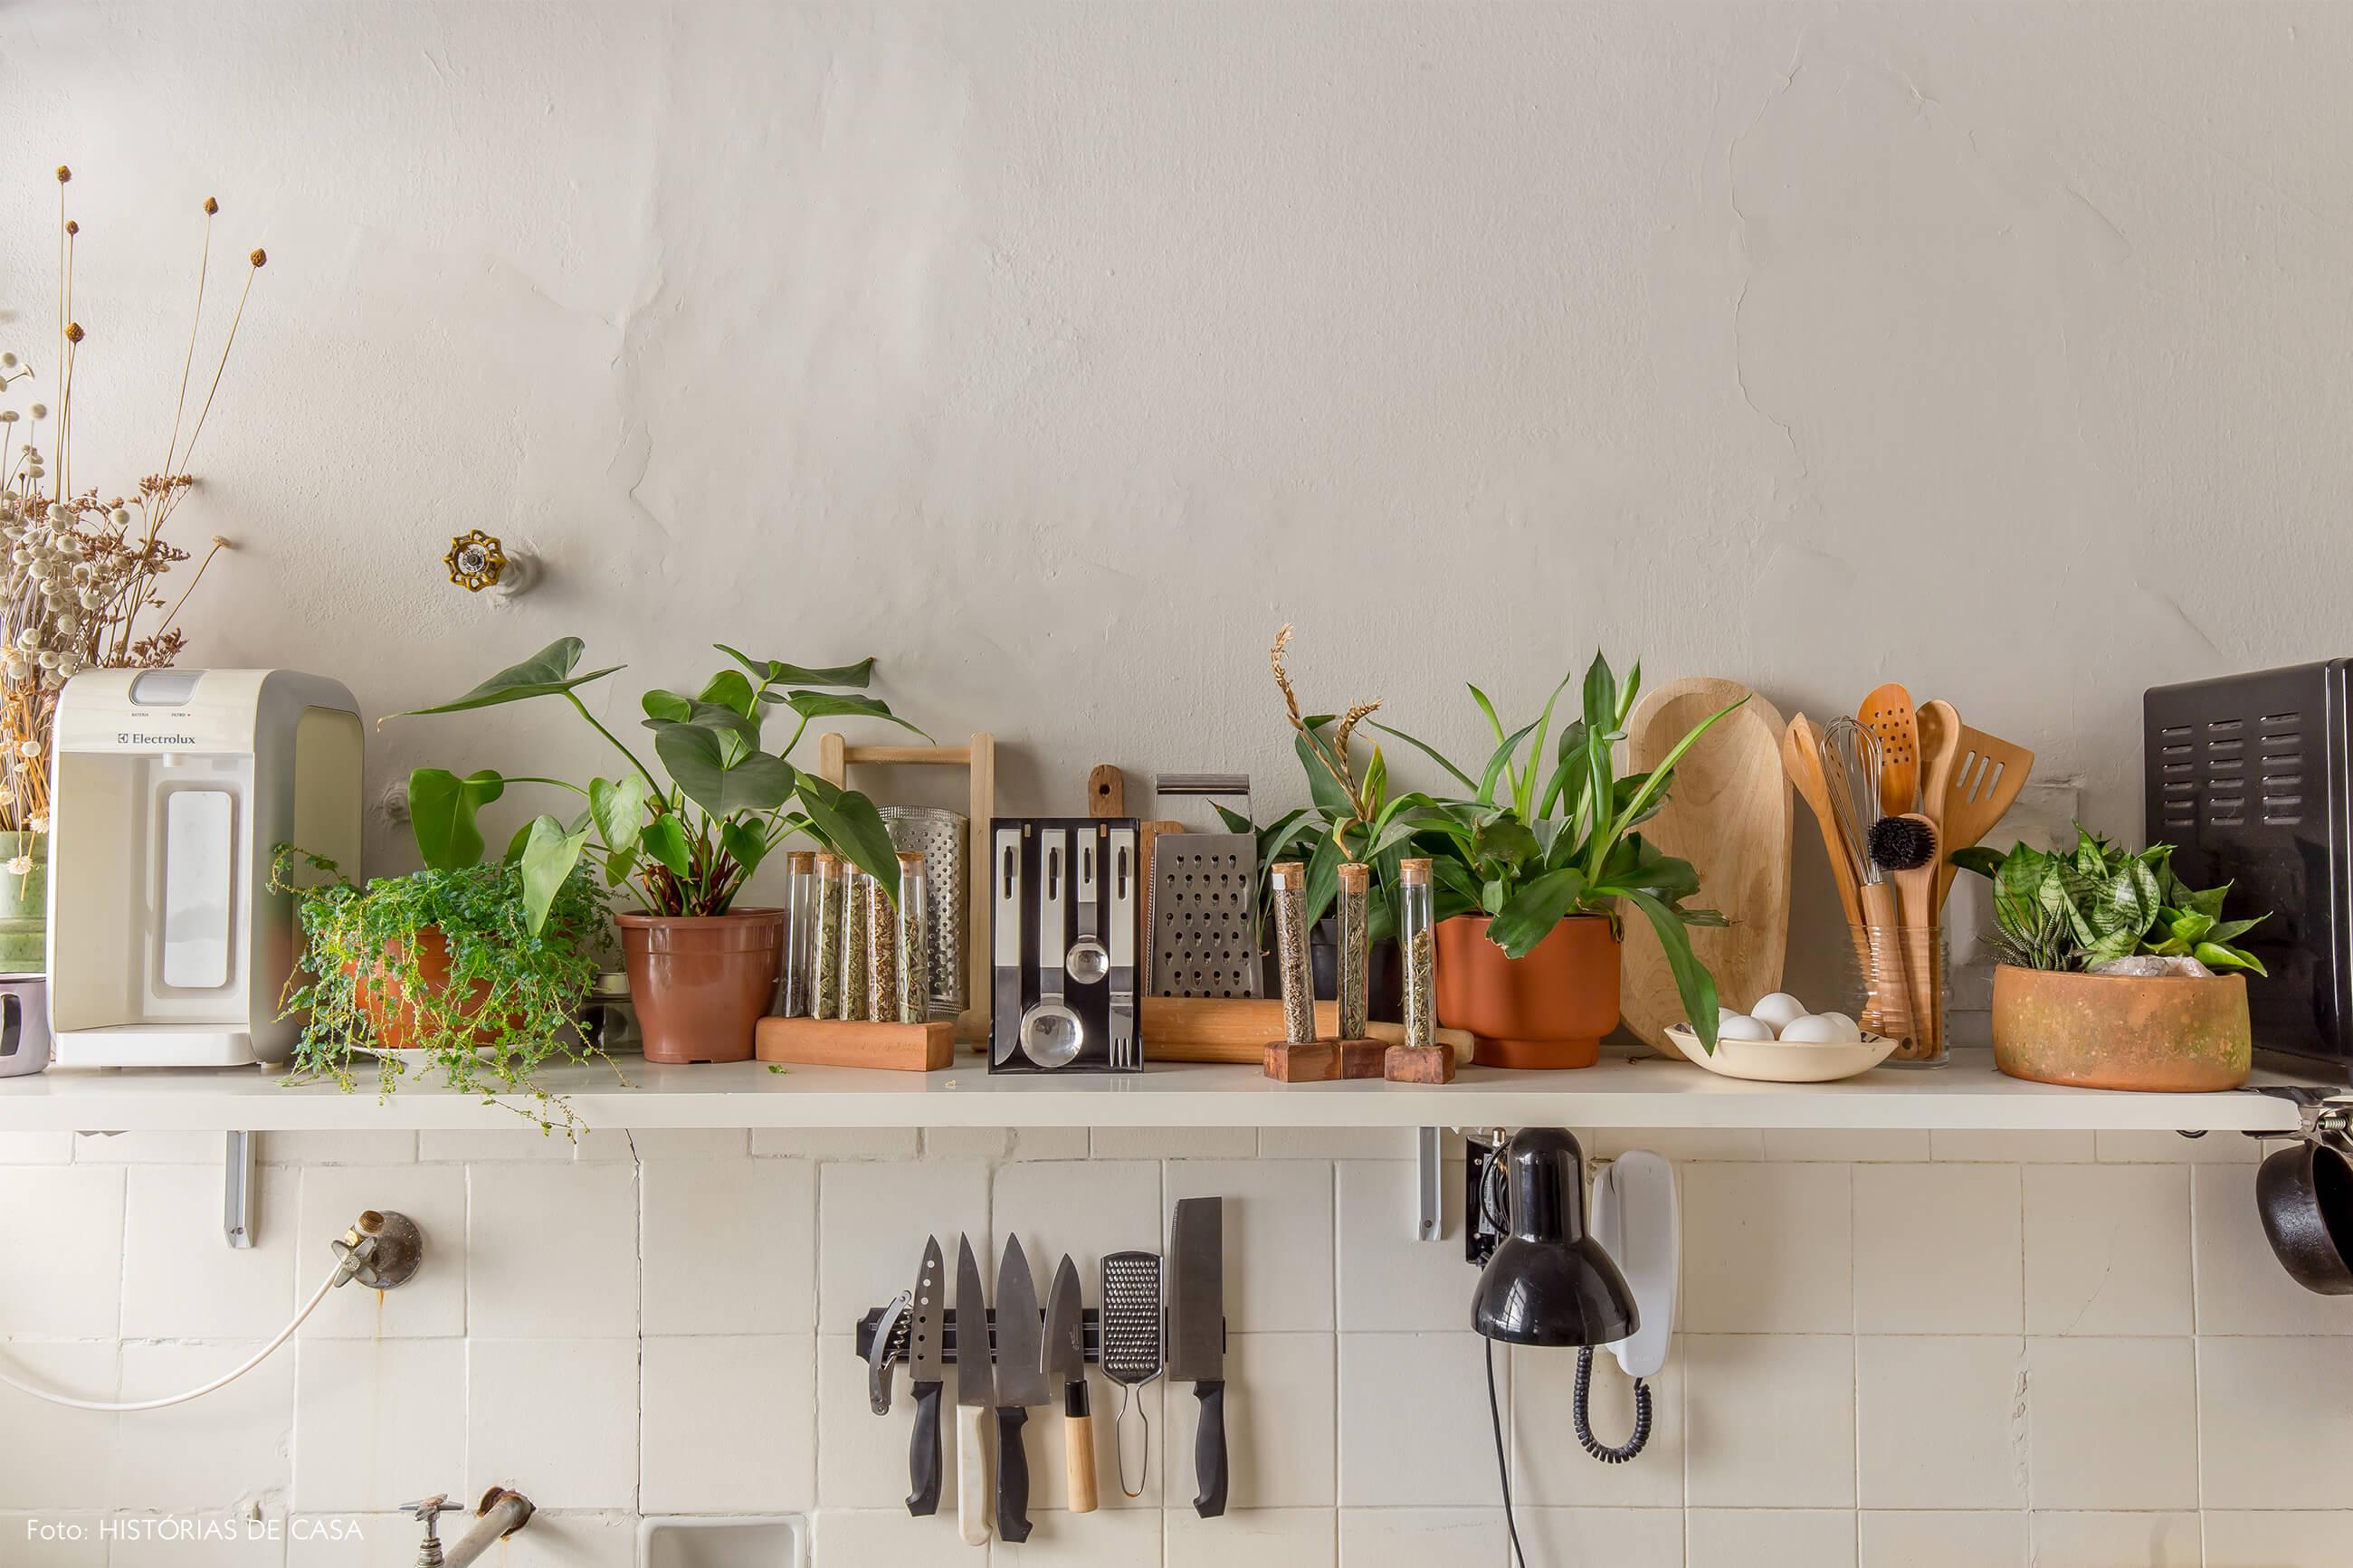 armário cozinha branco com utensílios e plantas